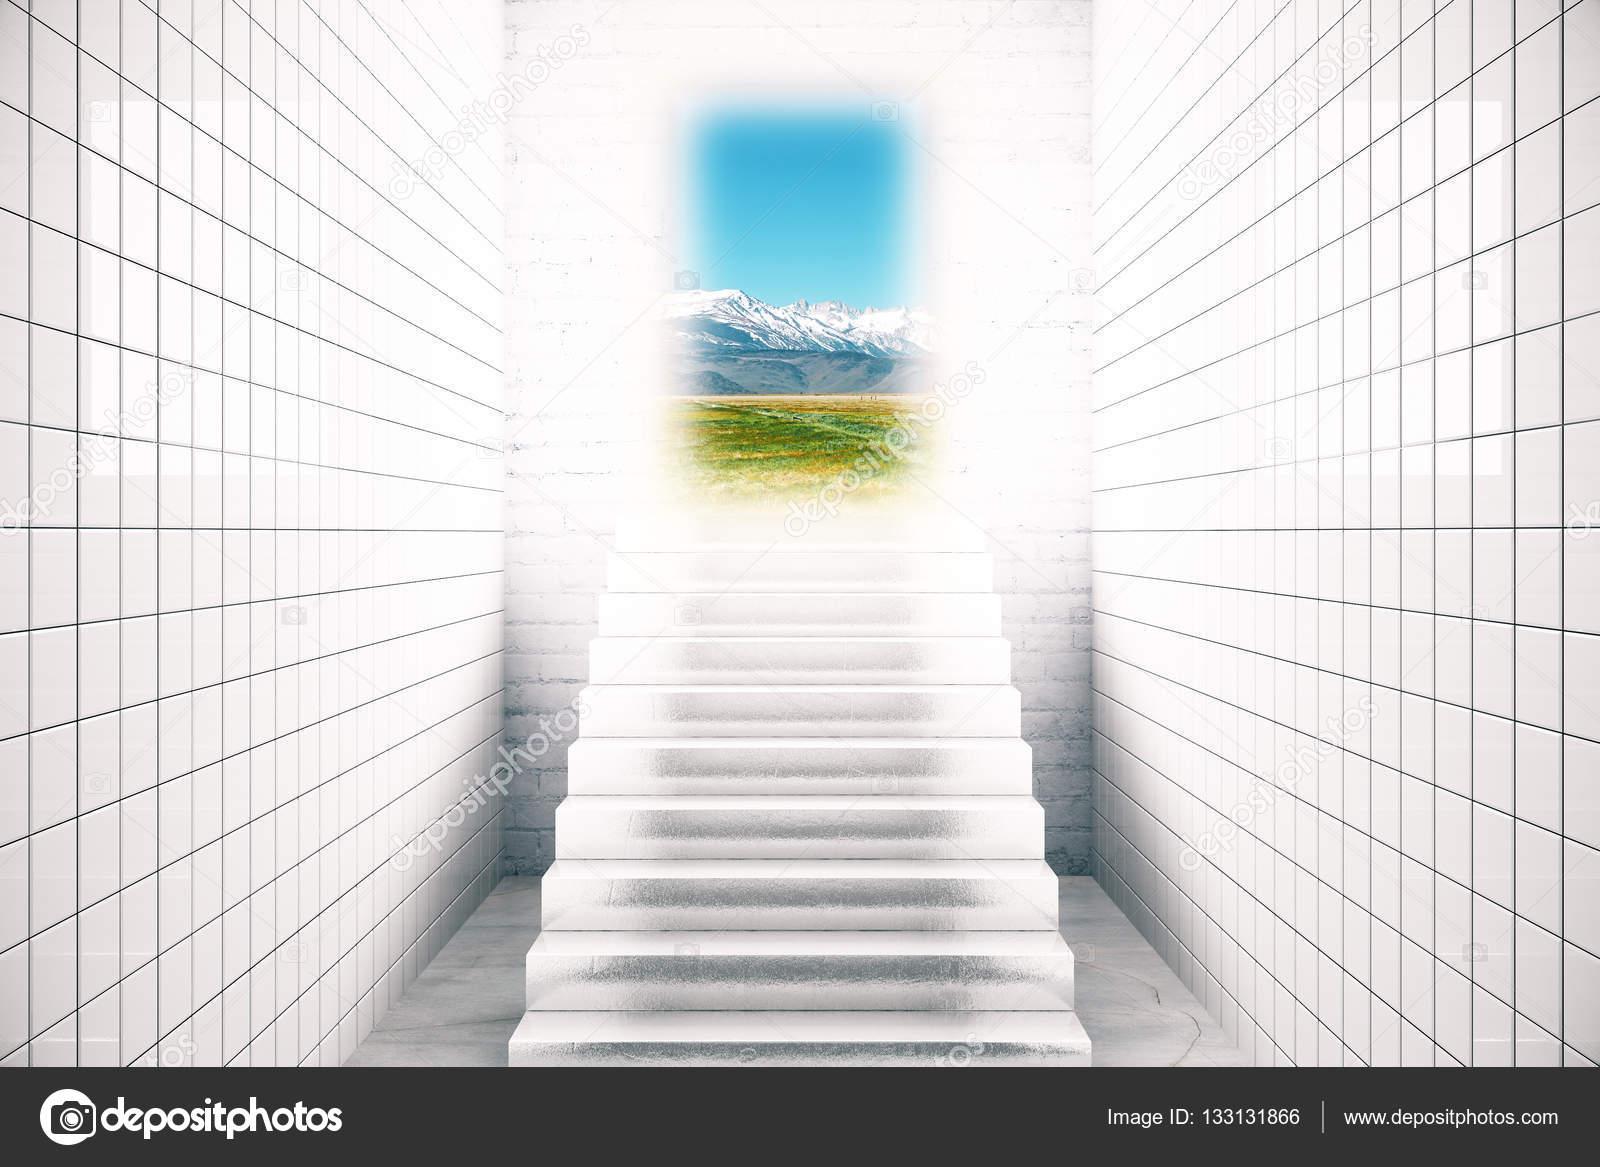 Interni di piastrelle bianche con scale che conducono al paesaggio